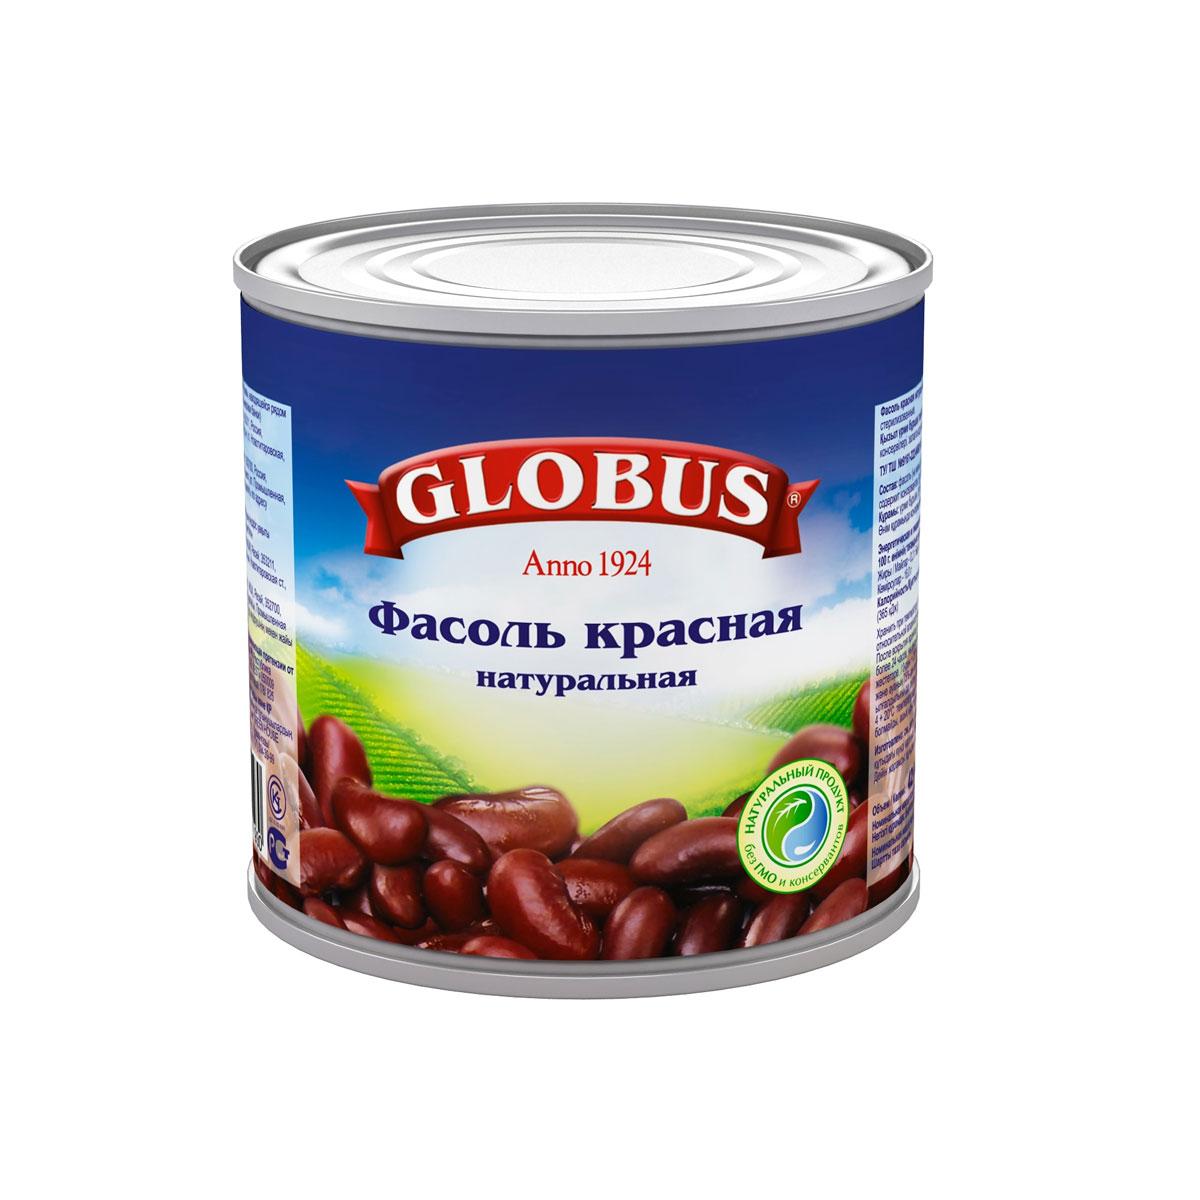 Globus красная фасоль, 400 г4805Красная фасоль приготовлена по классической технологии в оригинальной пряной заливке с добавлением паприки, белого перца и чеснока.